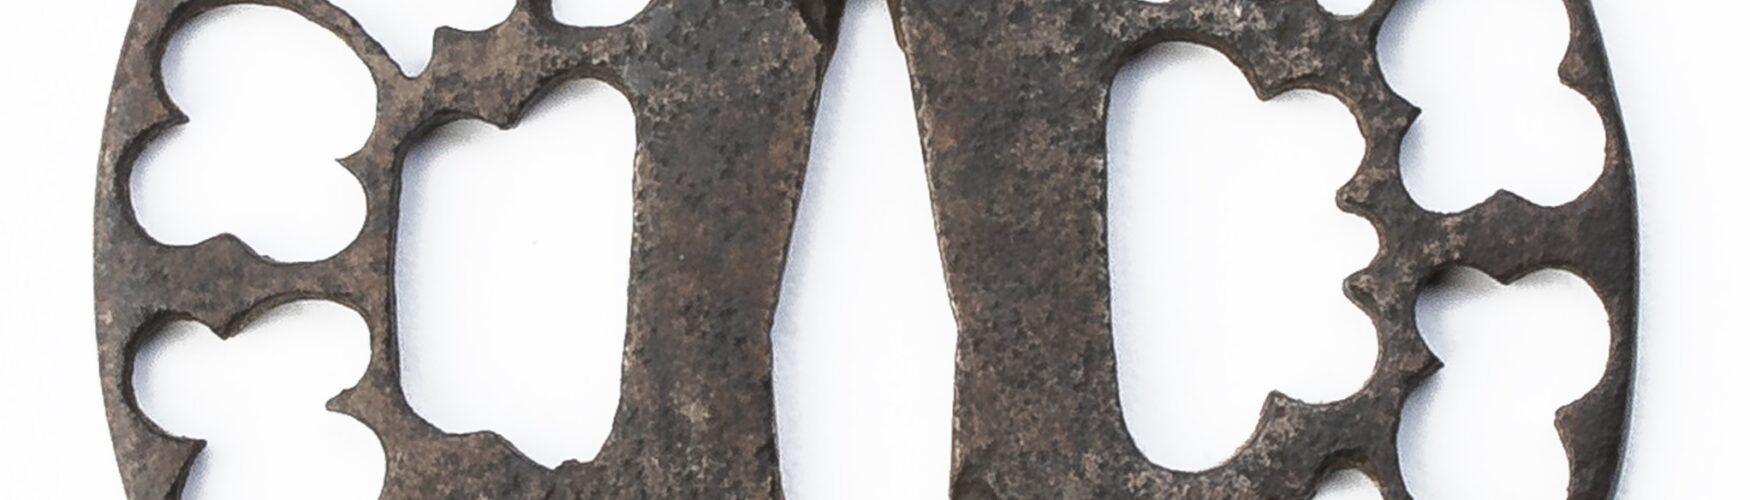 Tsuba-19